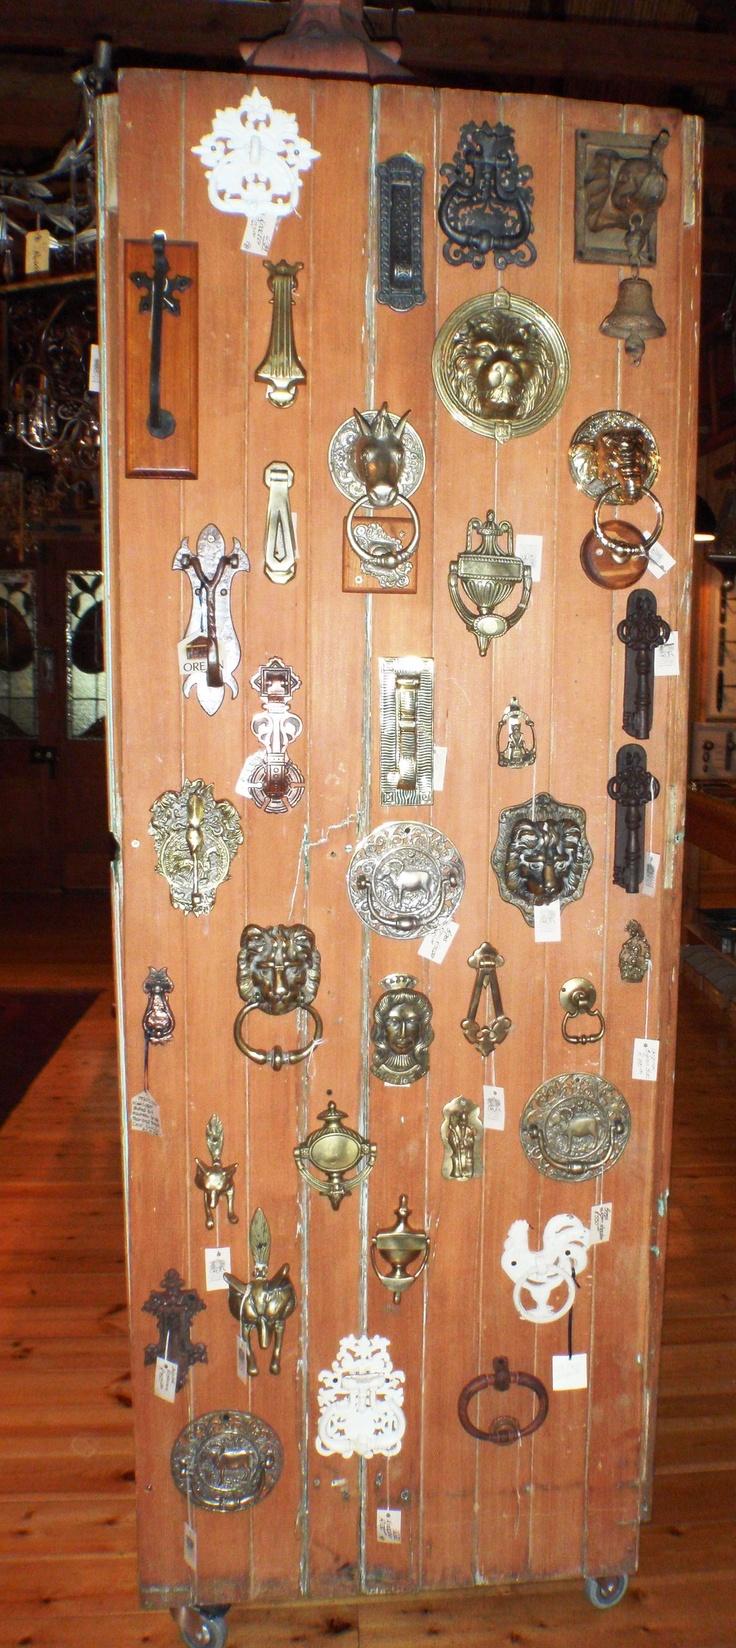 The door knocker collection